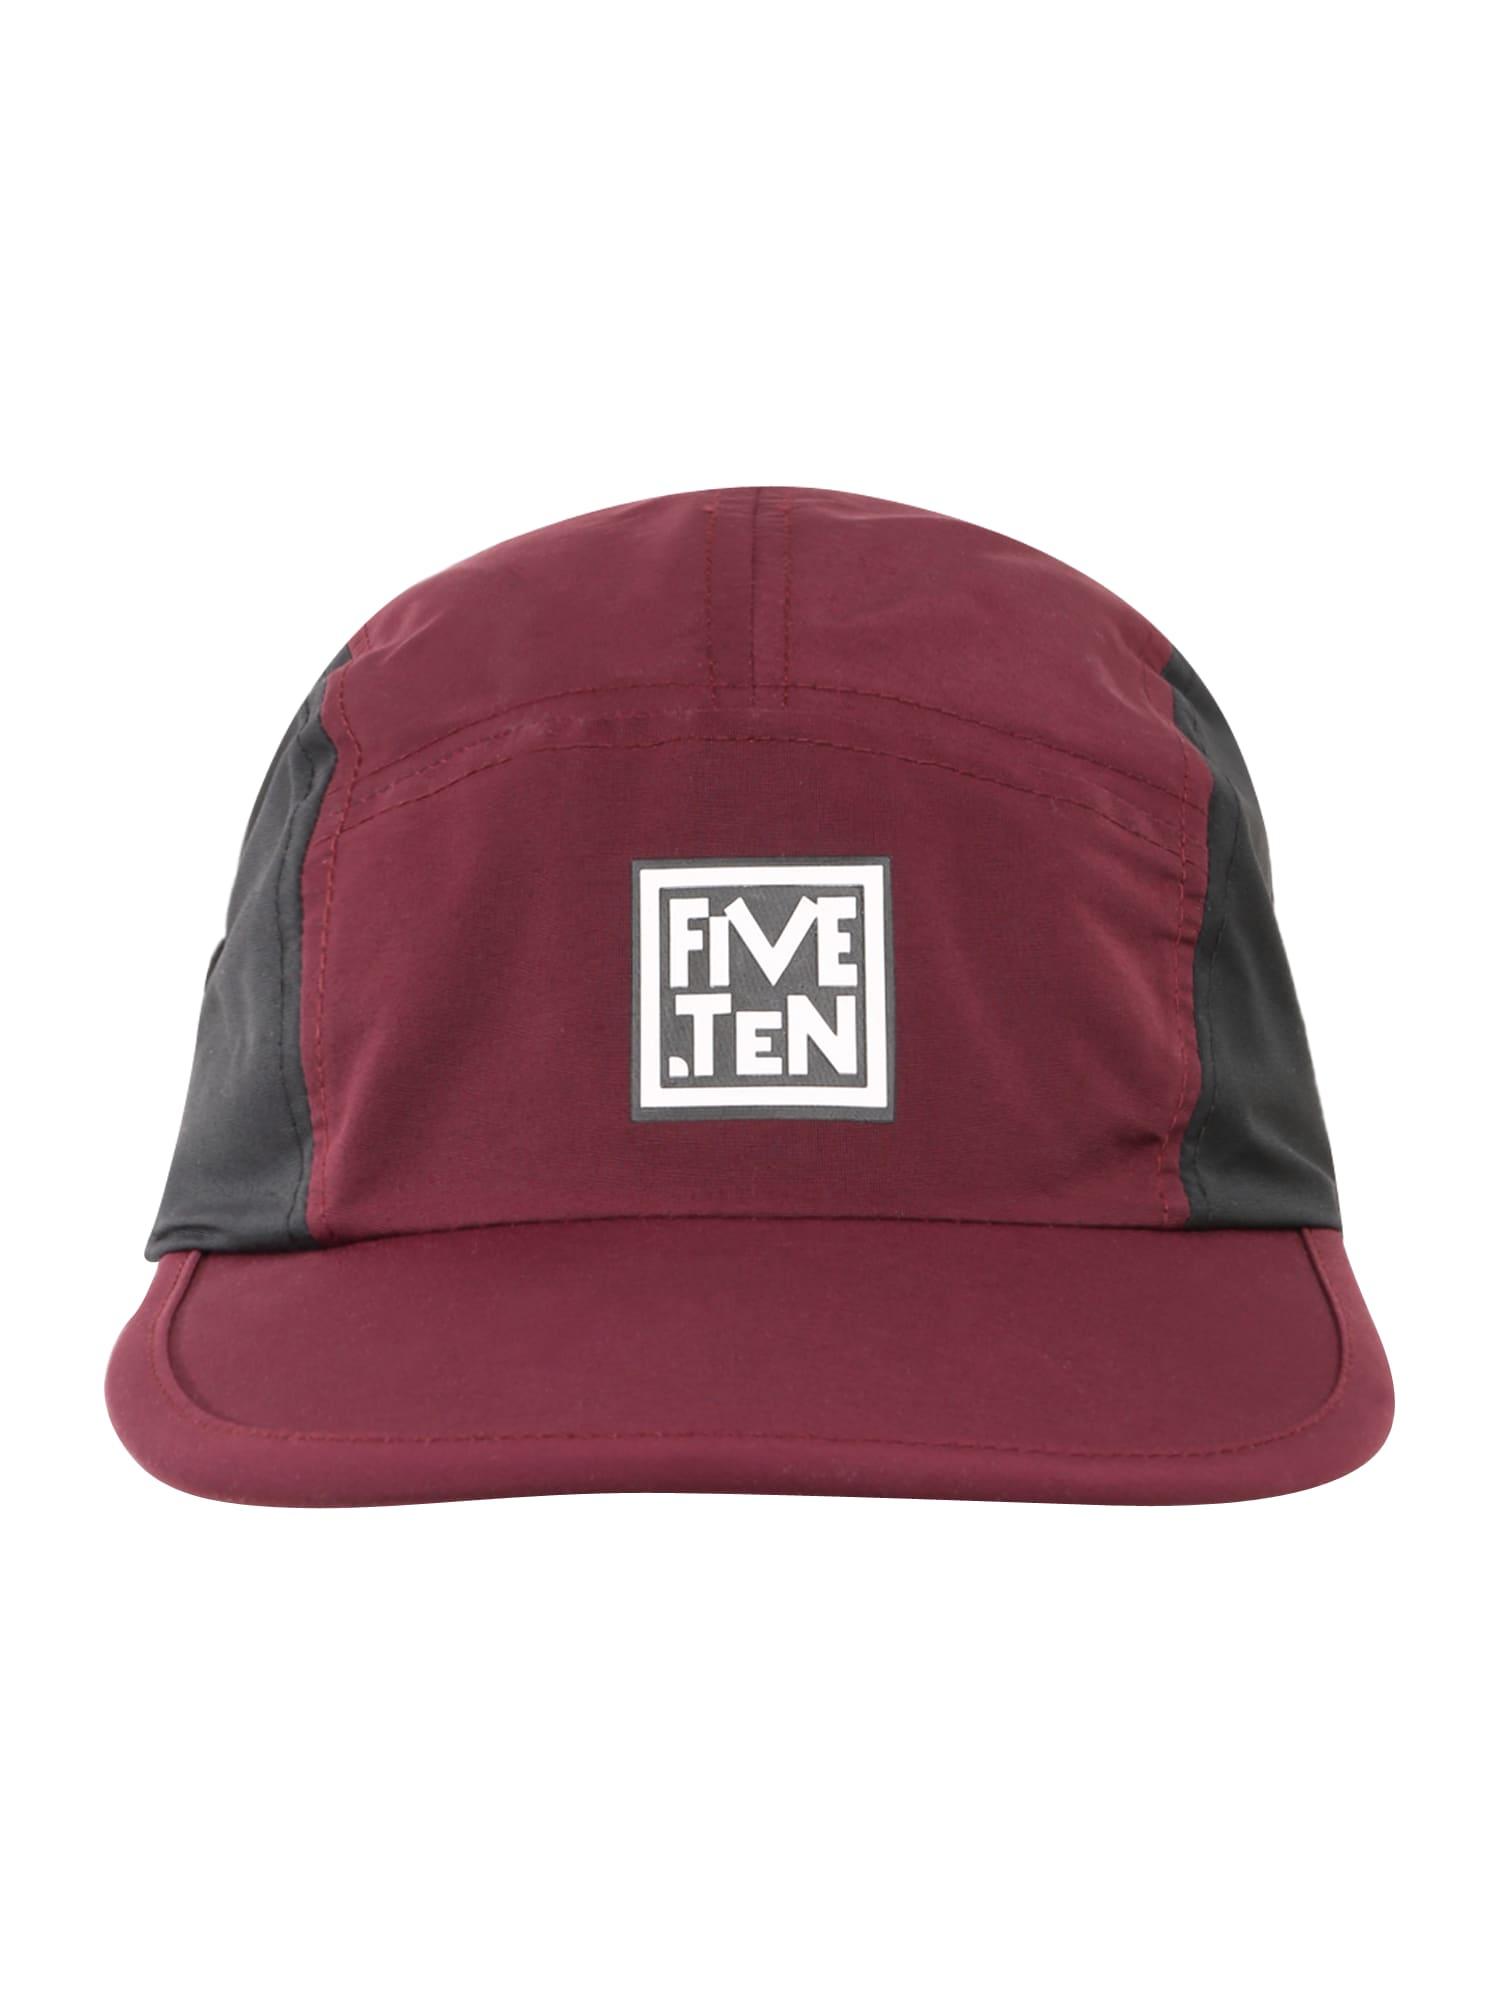 ADIDAS PERFORMANCE Sportinė kepurė tamsiai raudona / juoda